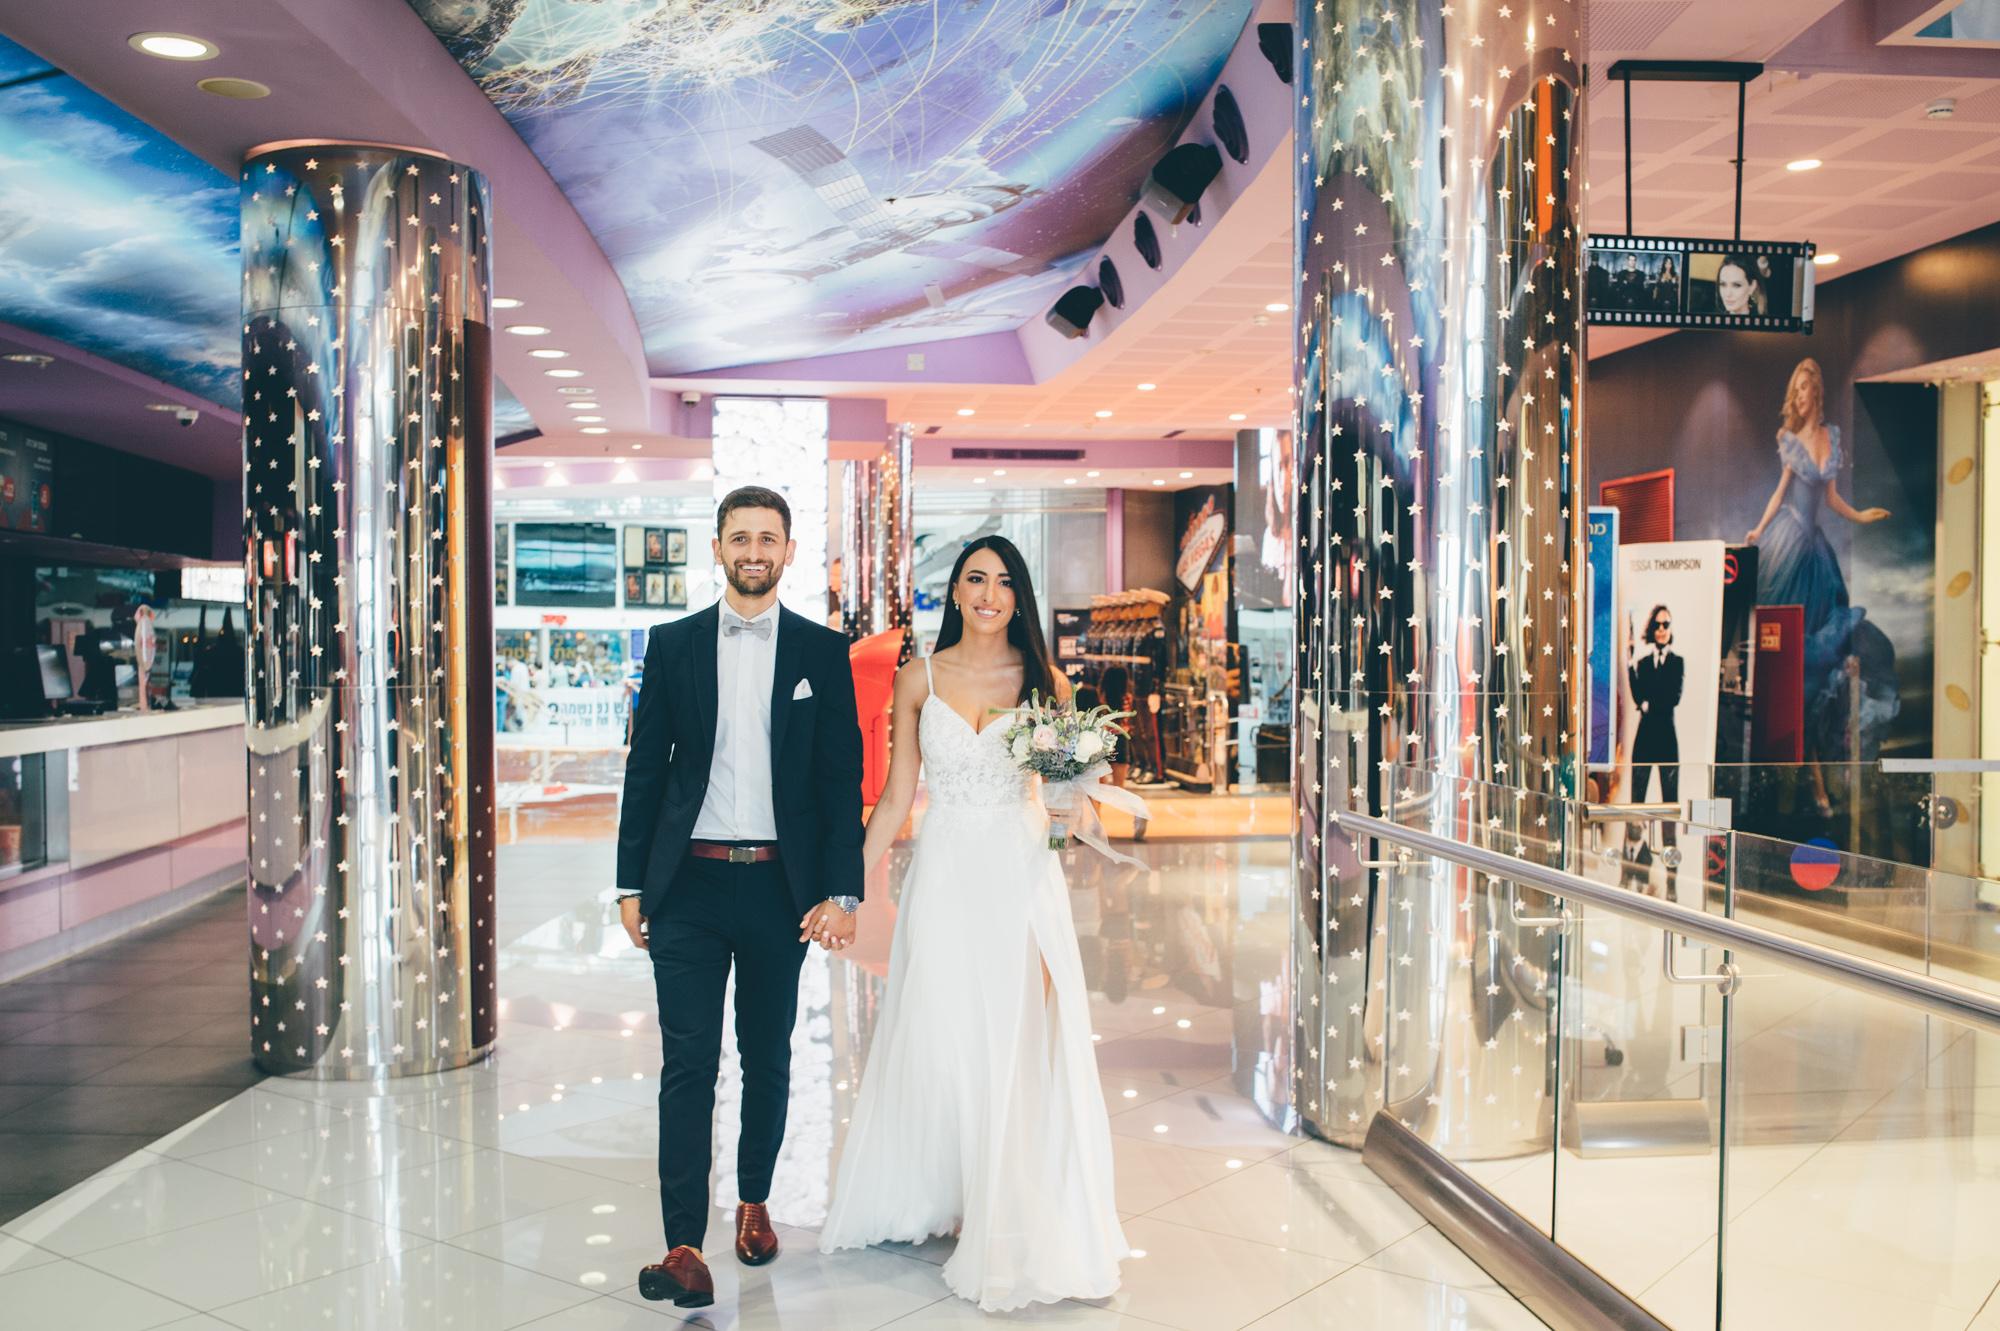 Wedding photos by - Asaf Kliger-30.jpg